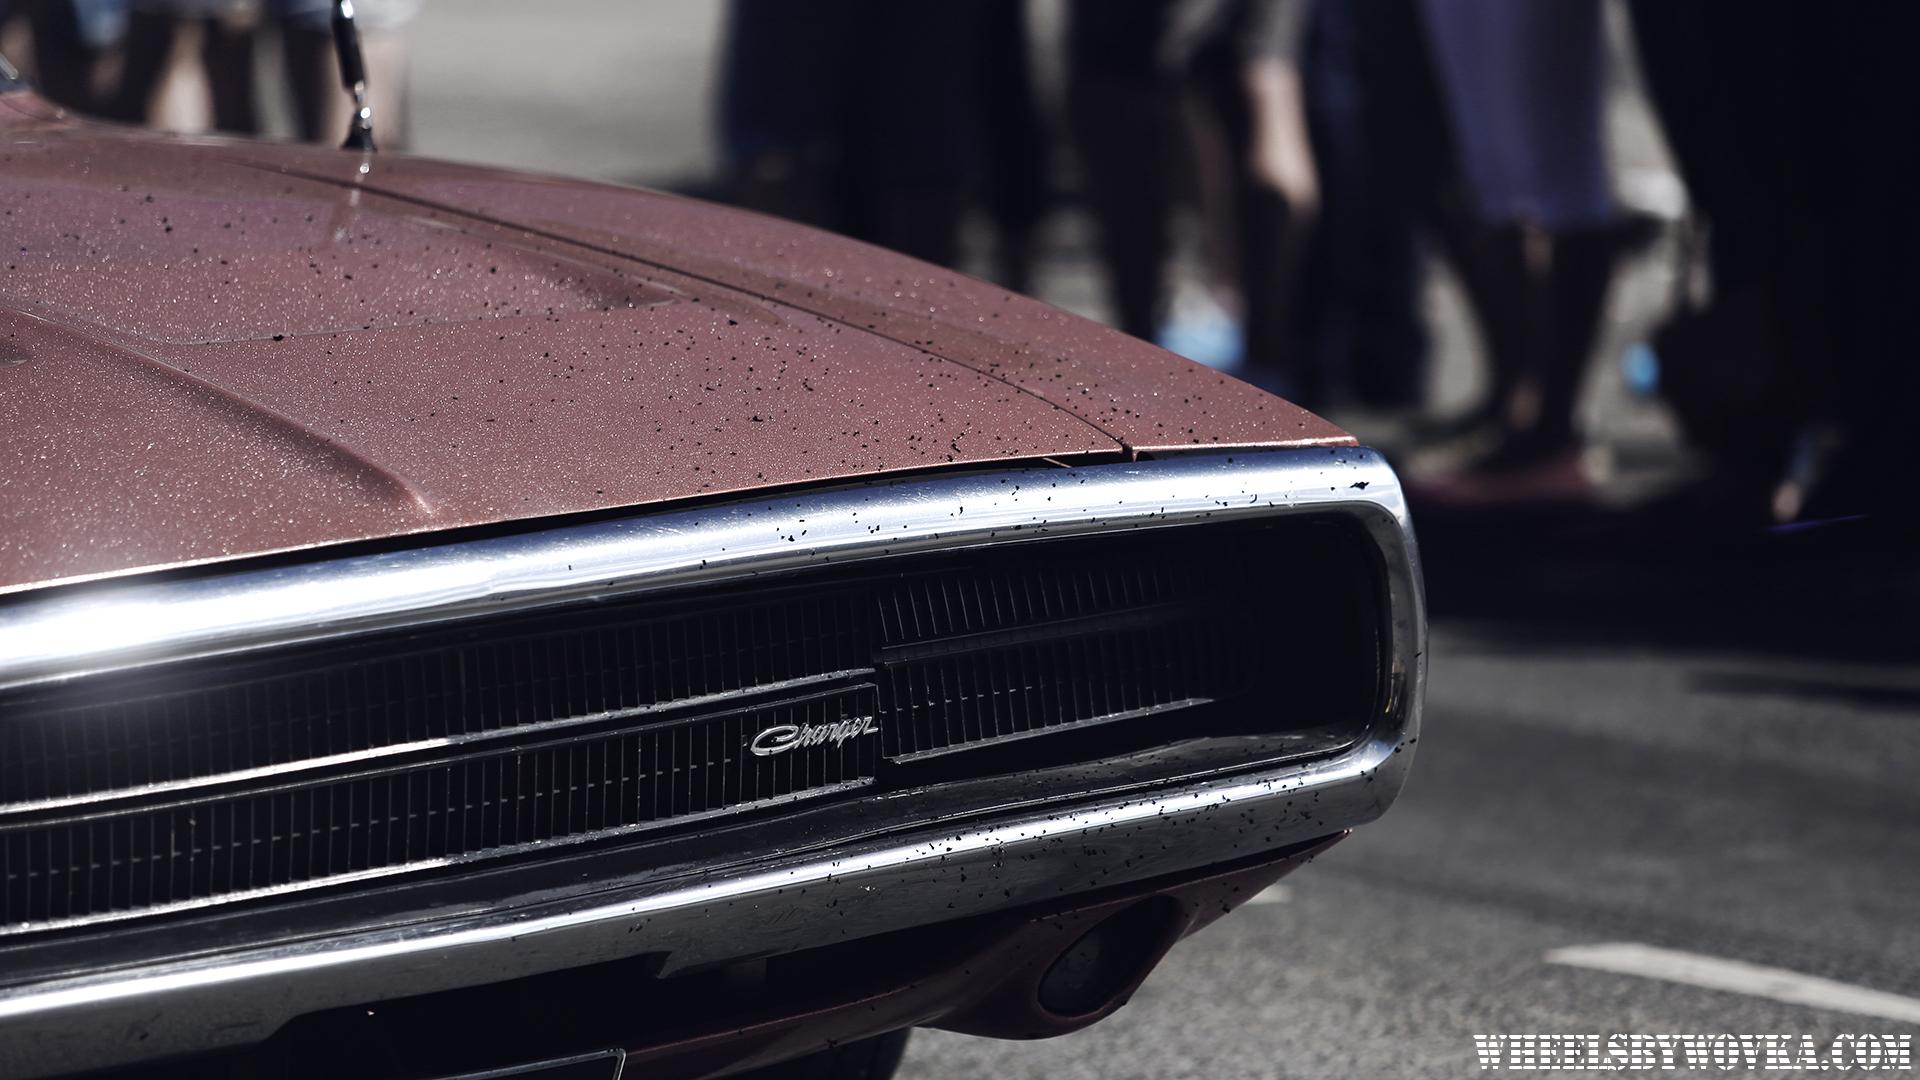 american-beauty-car-show-haapsalu-2017-by-wheelsbywovka-11